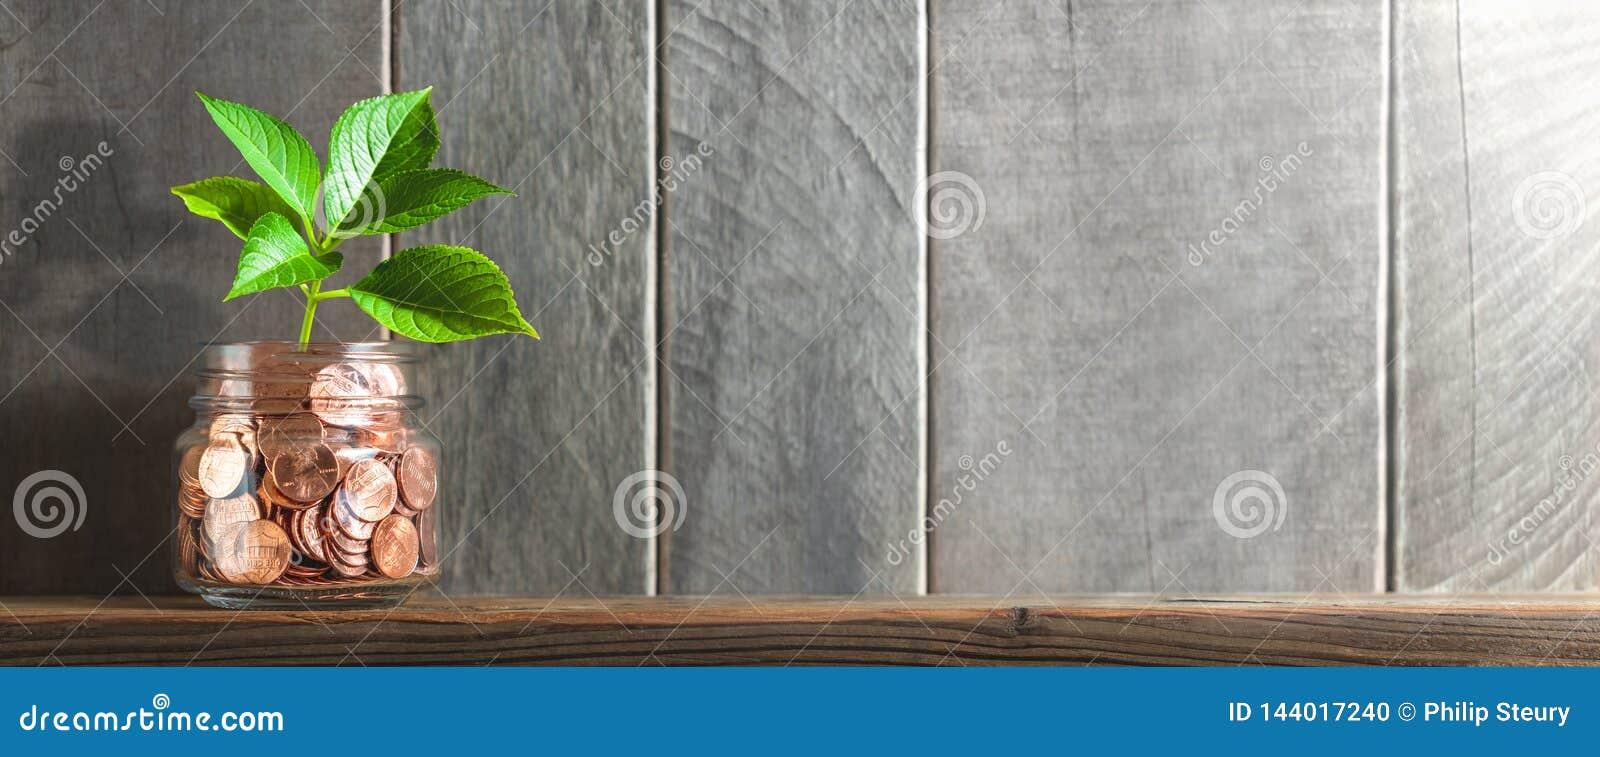 Planta nova que cresce fora do frasco da moeda na prateleira com fundo e luz solar de madeira - crescimento financeiro/que invest